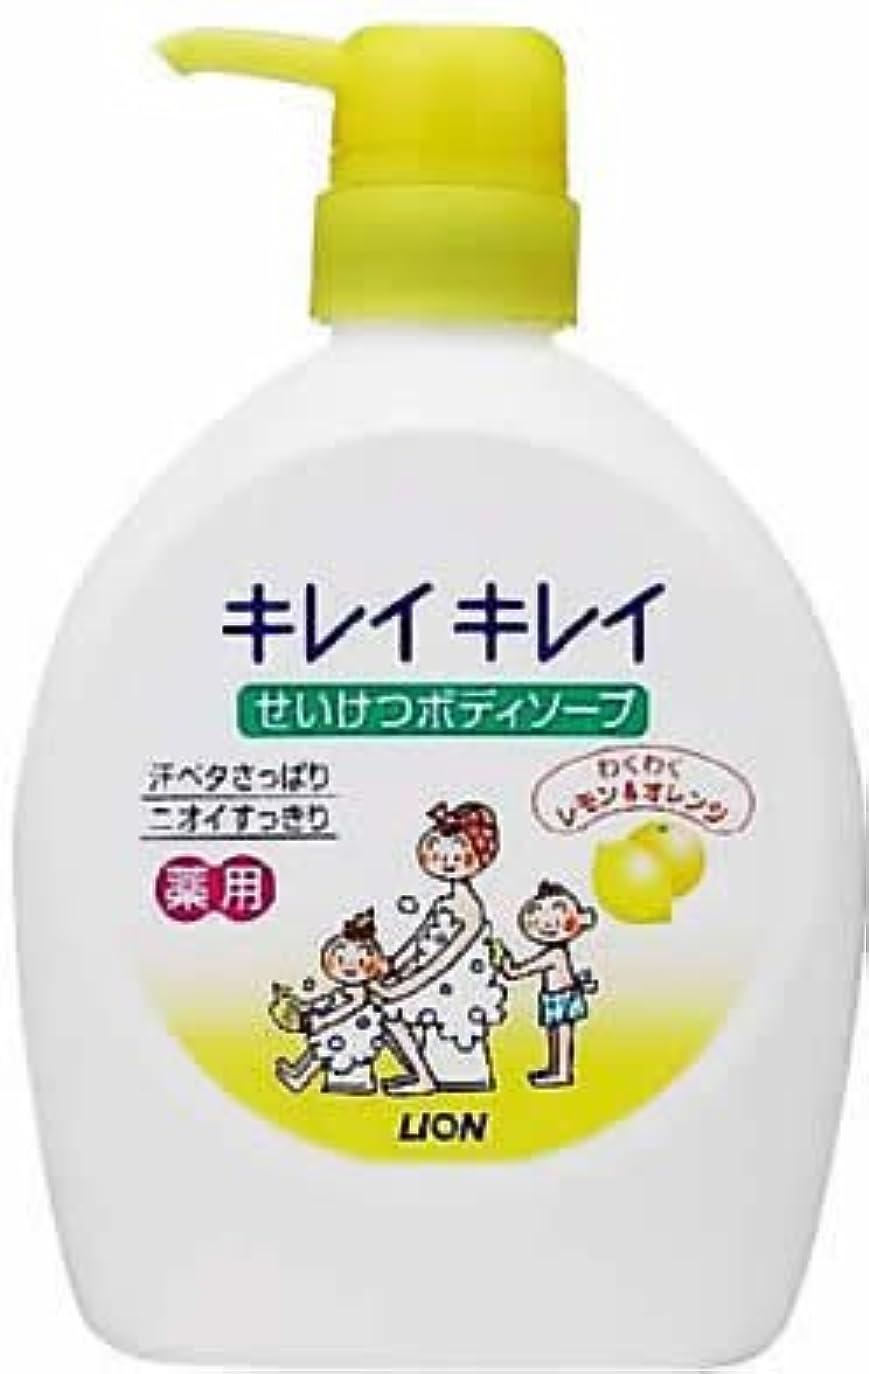 量調和必要ないキレイキレイ せいけつボディソープ わくわくレモン&オレンジの香り 本体ポンプ 580ml